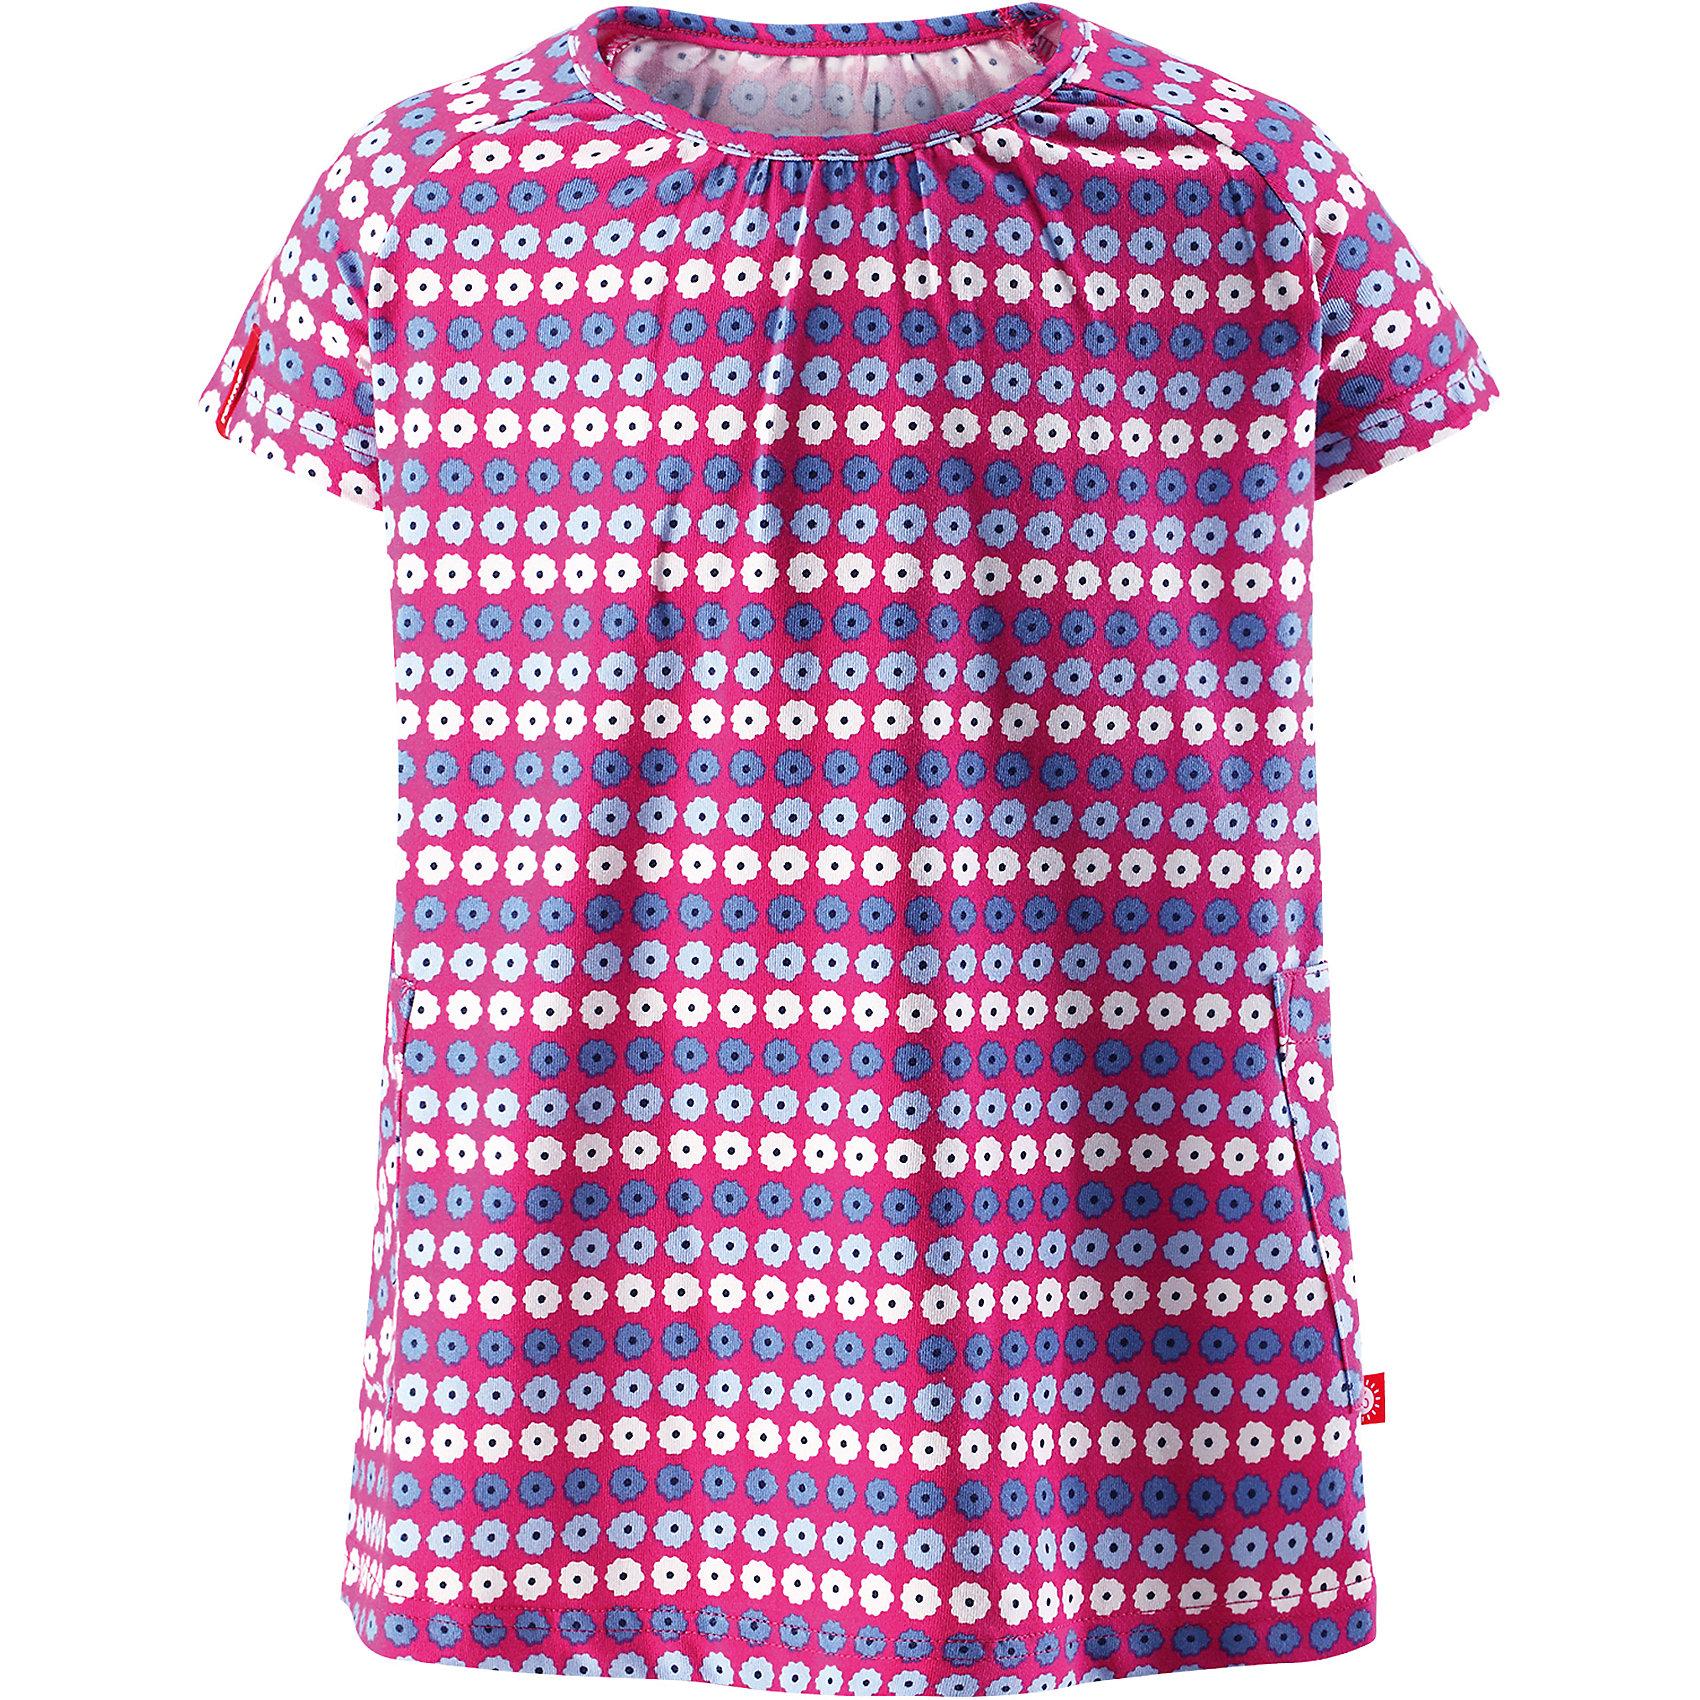 Платье Haili для девочки ReimaОдежда<br>Характеристики товара:<br><br>• цвет: сиреневый<br>• состав: 65% хлопок, 30% полиэстер, 5% эластан<br>• фактор защиты от ультрафиолета 40+<br>• быстросохнущий, приятный на ощупь материал Play Jersey<br>• приятная на ощупь хлопковая поверхность<br>• влагоотводящая изнаночная сторона<br>• трапециевидный силуэт<br>• два накладных кармана<br>• страна бренда: Финляндия<br>• страна производства: Китай<br><br>Одежда может быть модной и комфортной одновременно! Удобное симпатичное платье поможет обеспечить ребенку комфорт - оно не стесняет движения и удобно сидит. Стильный дизайн разрабатывался специально для детей.<br><br>Уход:<br><br>• стирать и гладить, вывернув наизнанку<br>• стирать с бельем одинакового цвета<br>• стирать моющим средством, не содержащим отбеливающие вещества<br>• полоскать без специального средства<br>• придать первоначальную форму вo влажном виде.<br><br>Платье для девочки от финского бренда Reima (Рейма) можно купить в нашем интернет-магазине.<br><br>Ширина мм: 236<br>Глубина мм: 16<br>Высота мм: 184<br>Вес г: 177<br>Цвет: розовый<br>Возраст от месяцев: 18<br>Возраст до месяцев: 24<br>Пол: Женский<br>Возраст: Детский<br>Размер: 92,86,128,104,116,110,98,122,80<br>SKU: 5268182